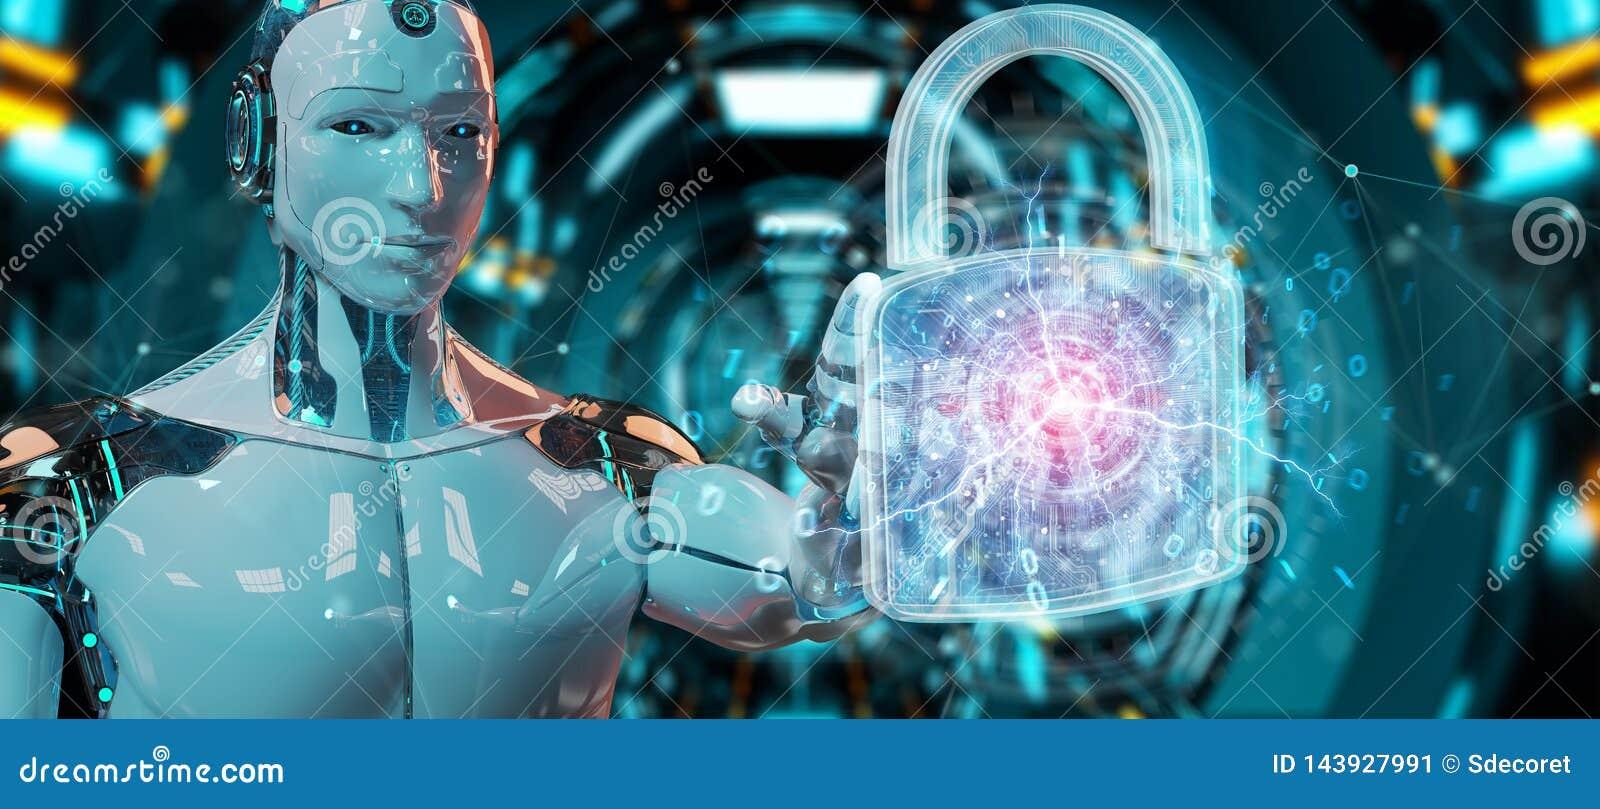 Netzsicherheitsschutzschnittstelle benutzt durch Wiedergabe des Roboters 3D